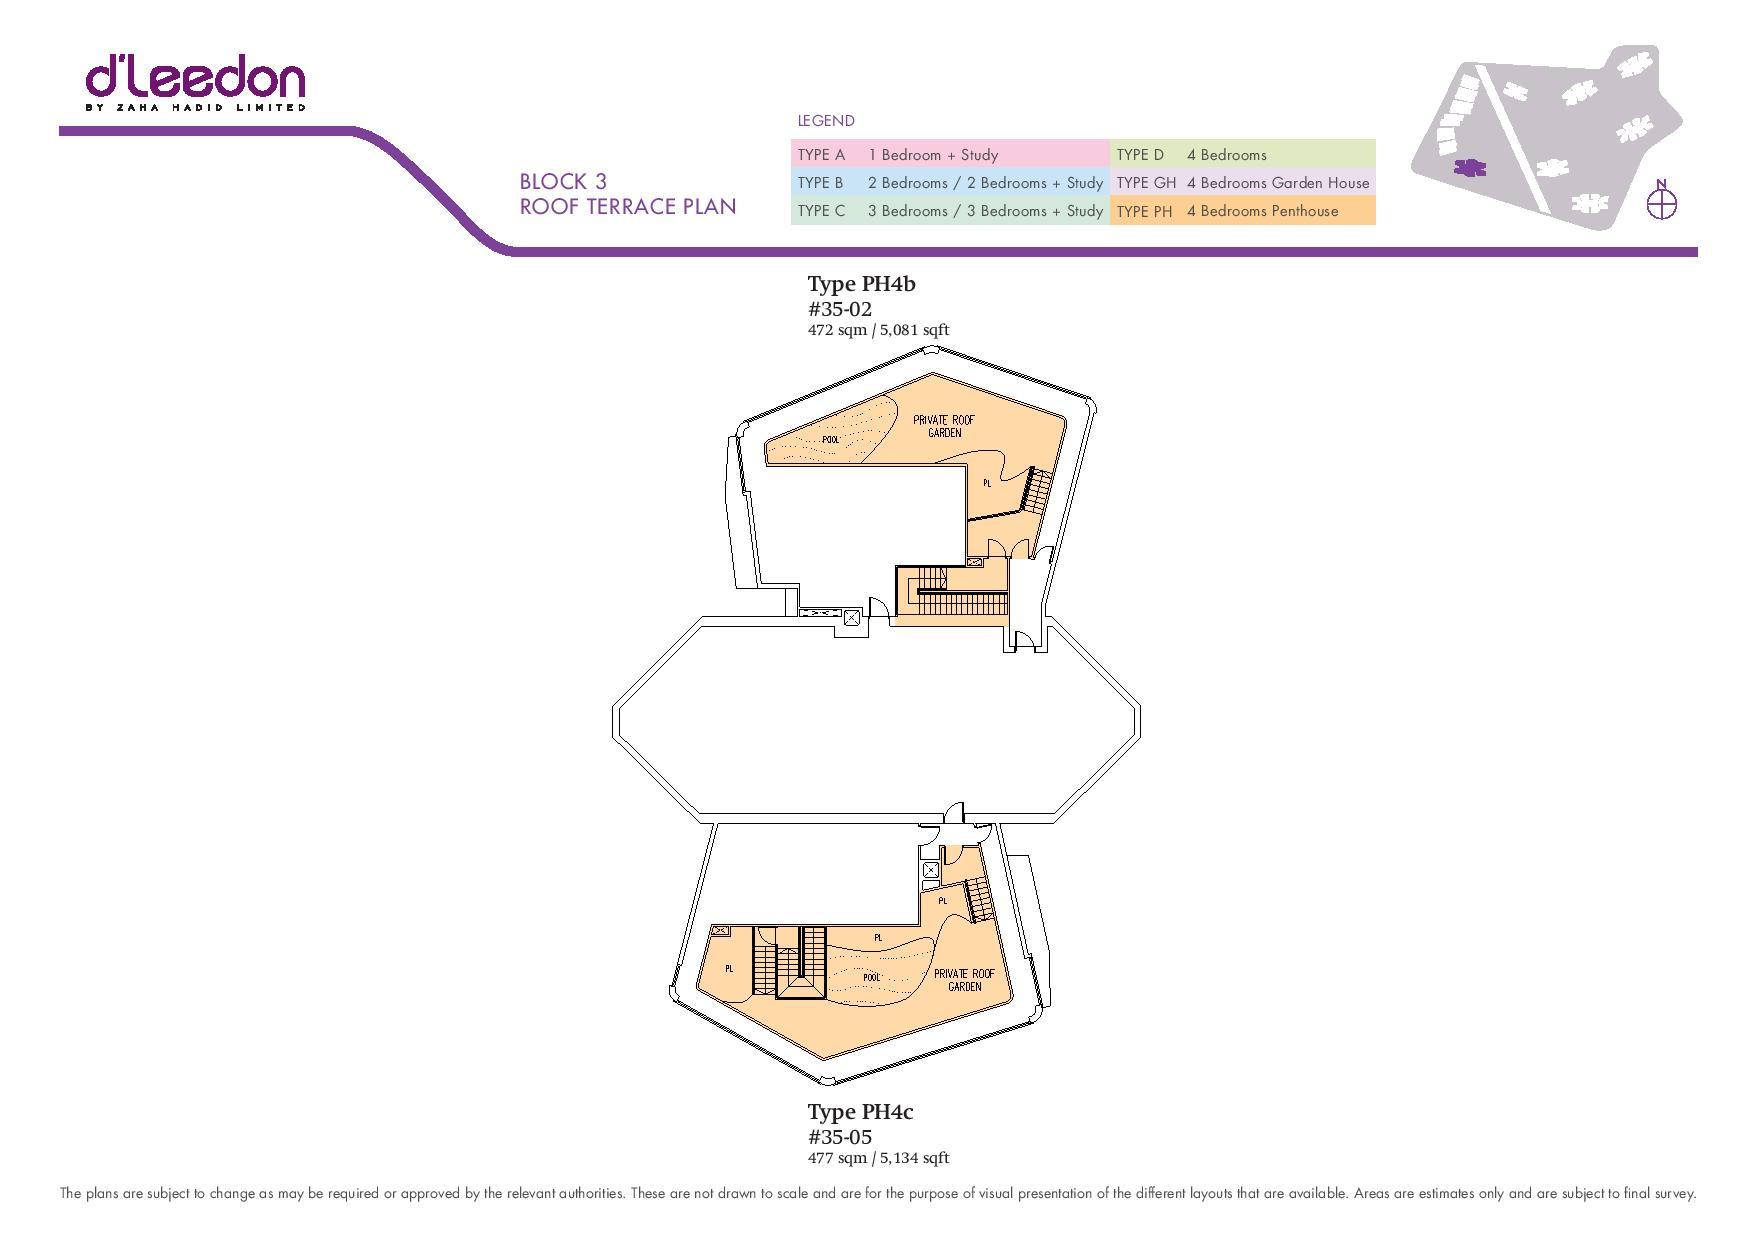 D'Leedon Block Roof Terrace Floor Plans